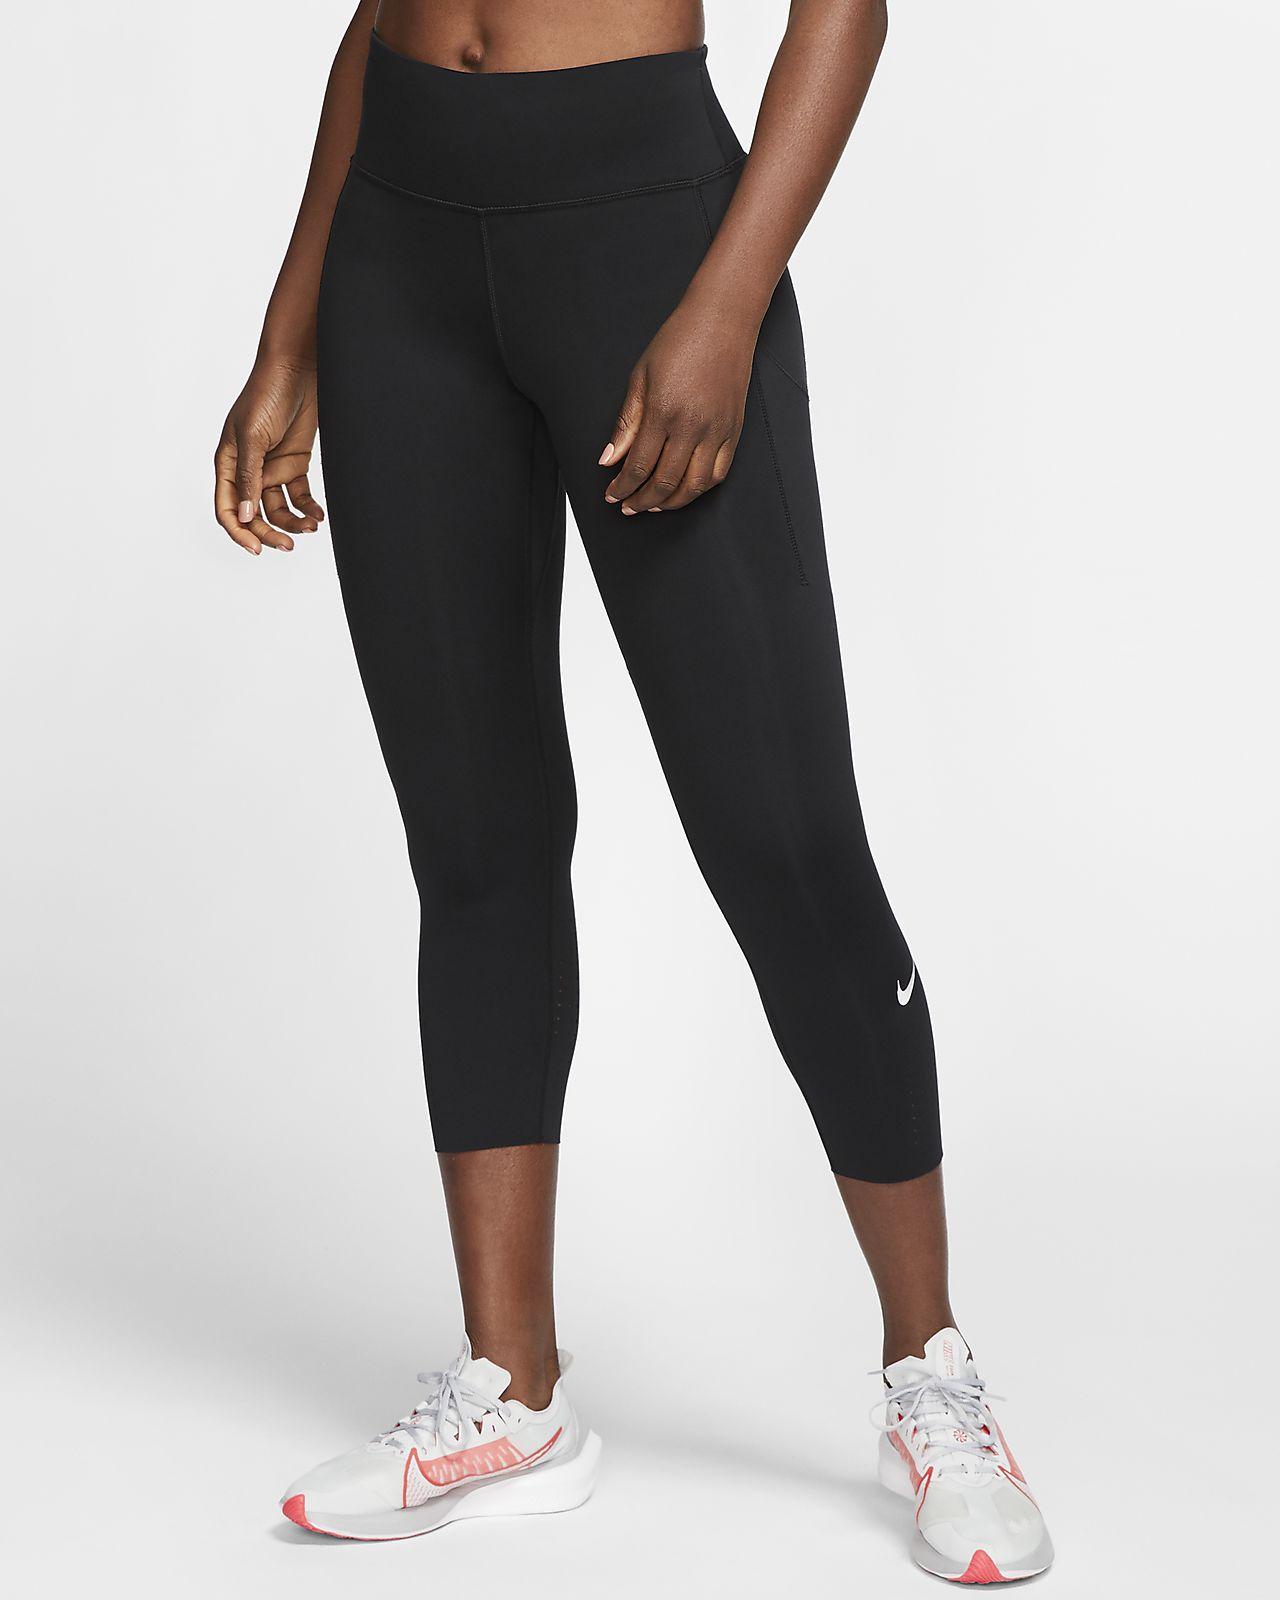 Nike Epic Luxe Bilek Üstü Kadın Koşu Taytı